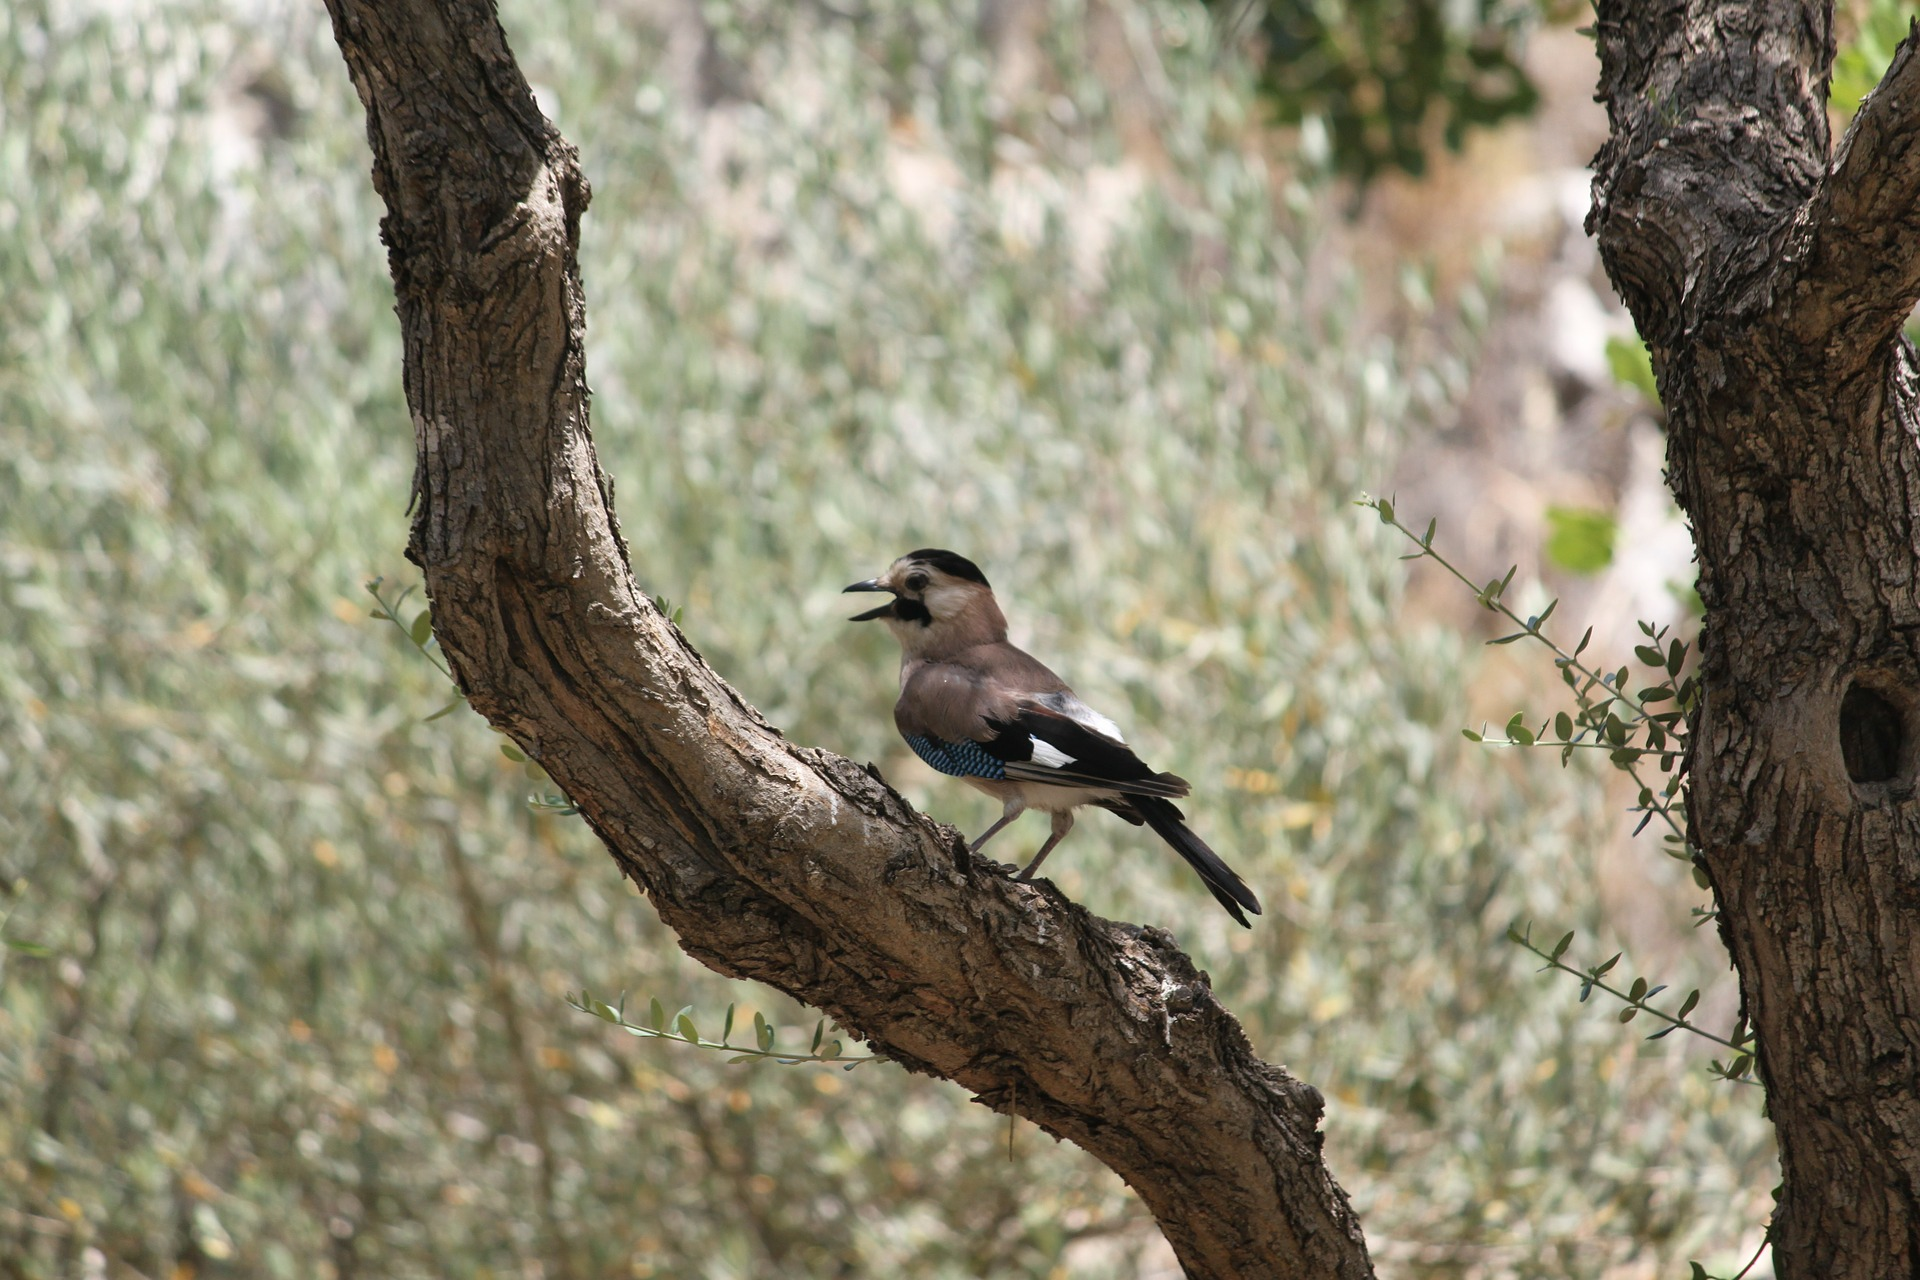 bird-206318_1920